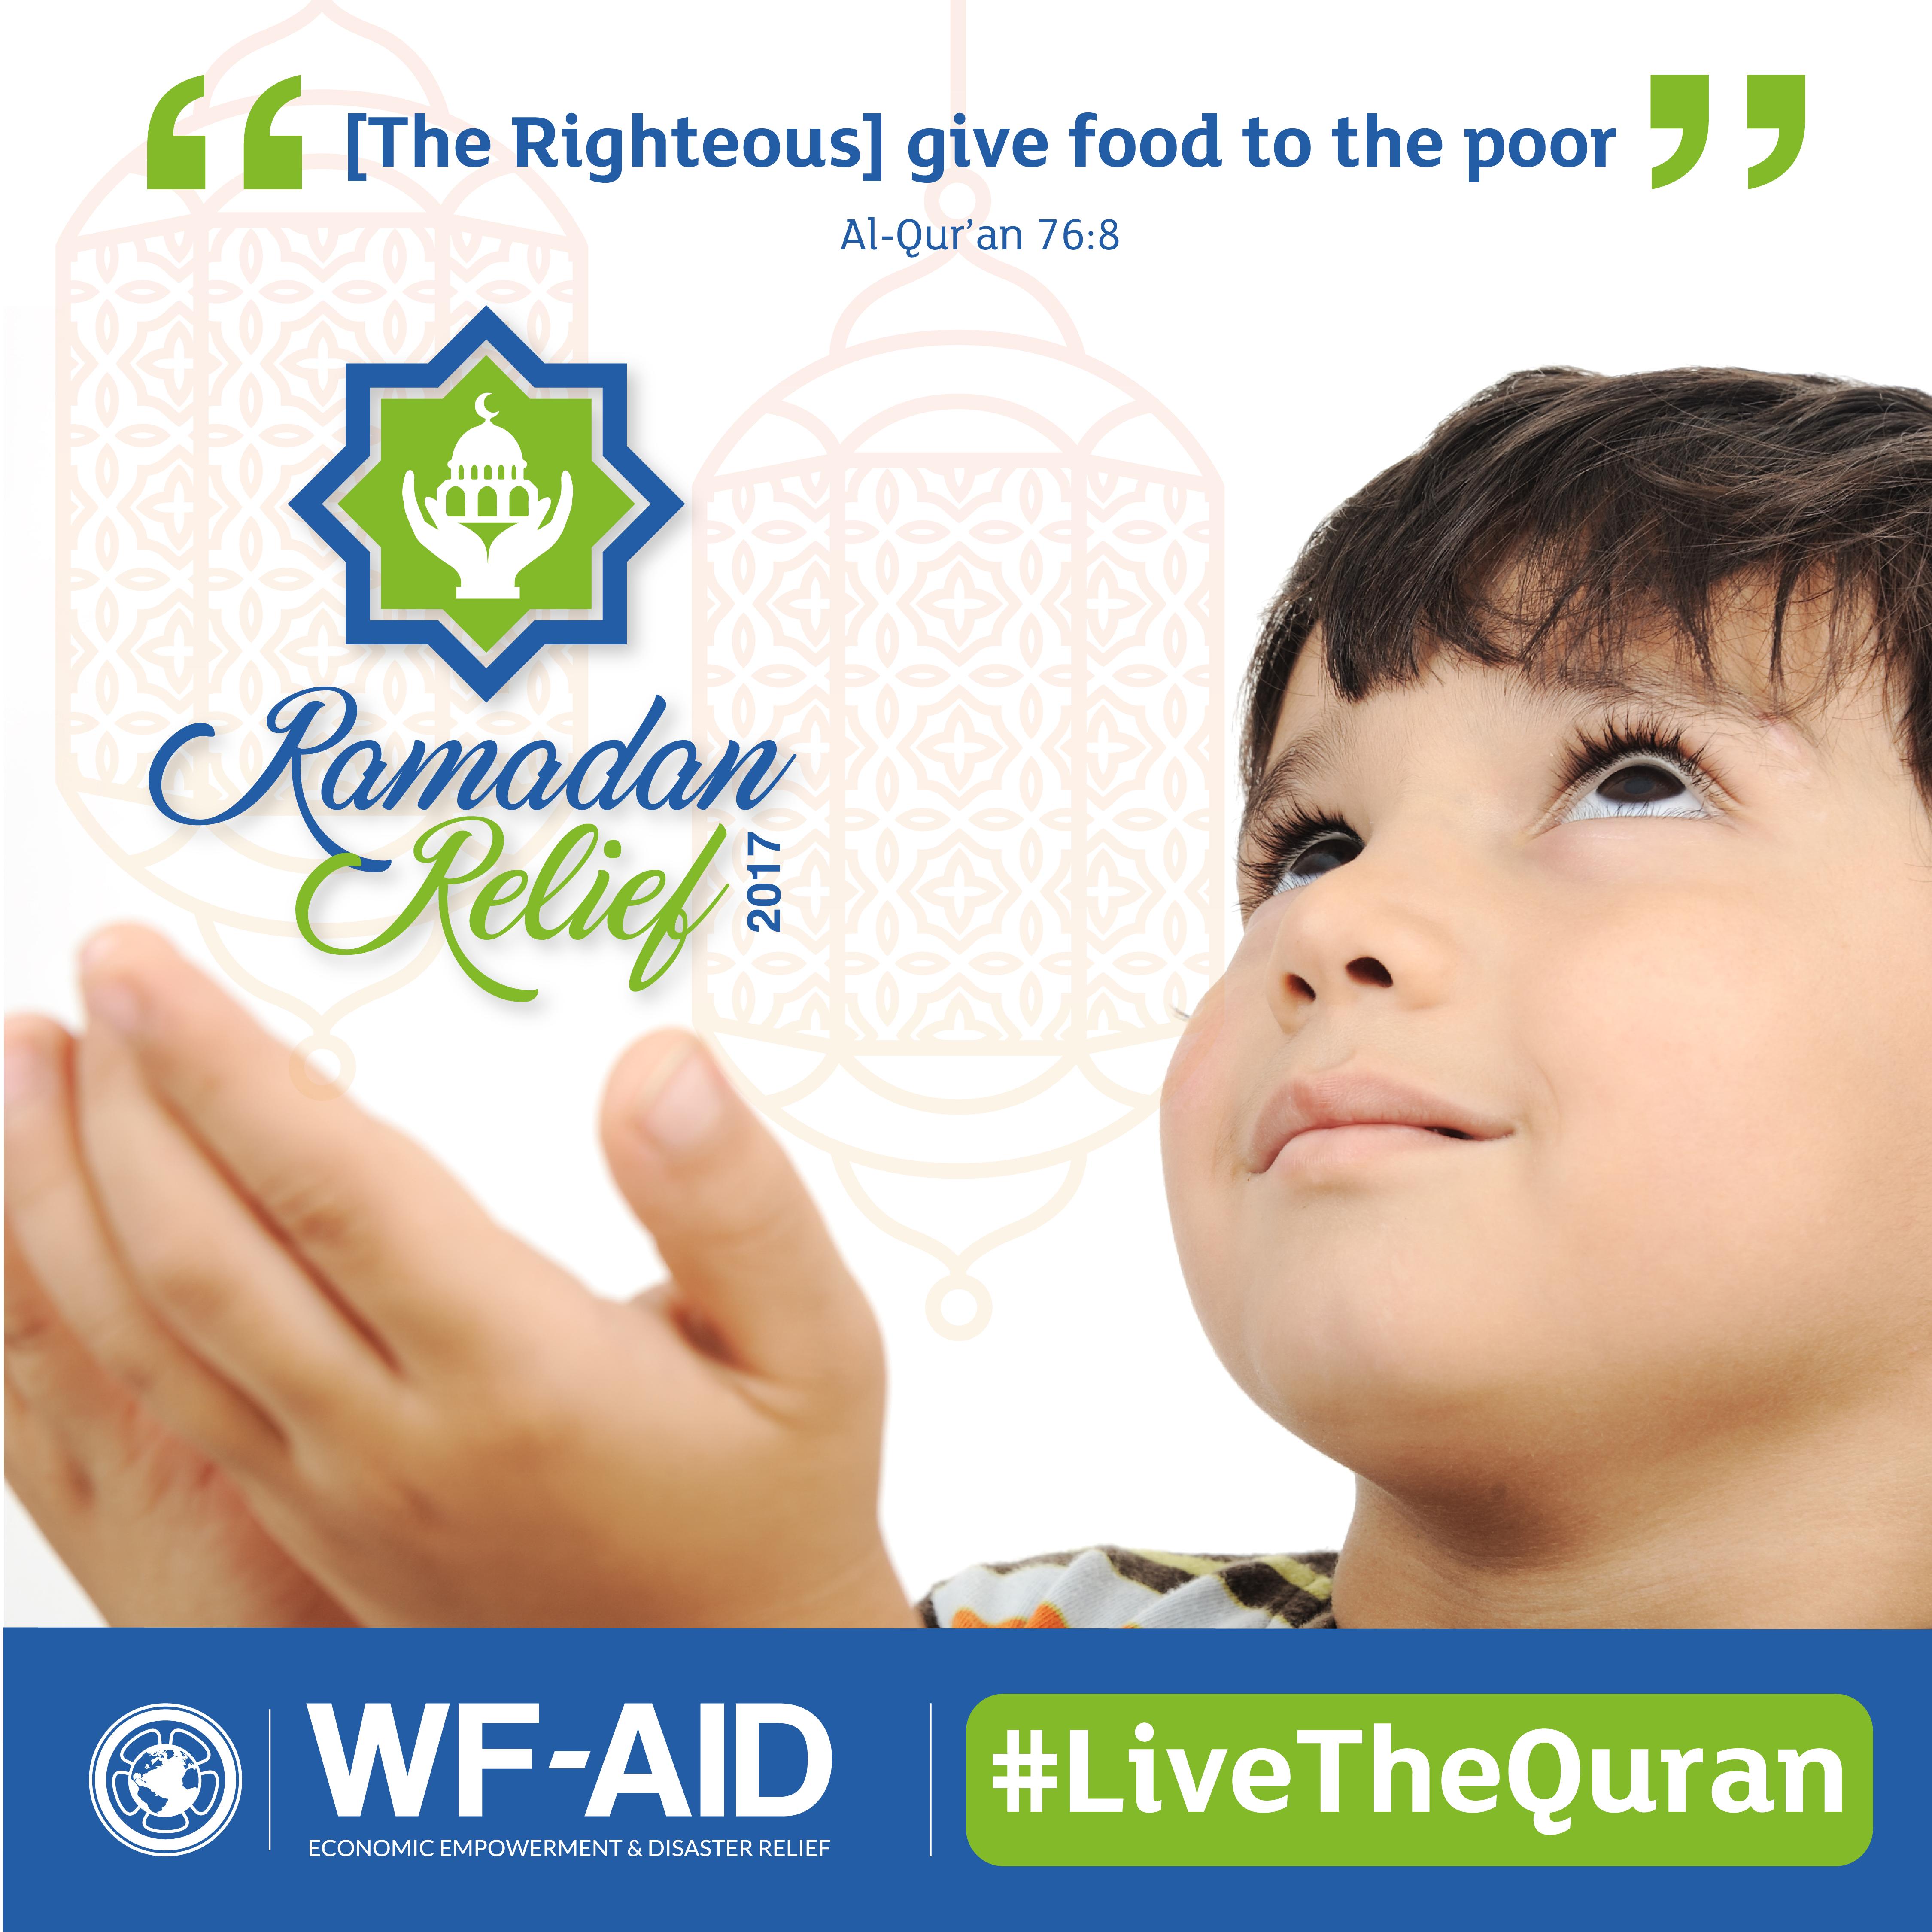 Ramadan Relief 2016 Report